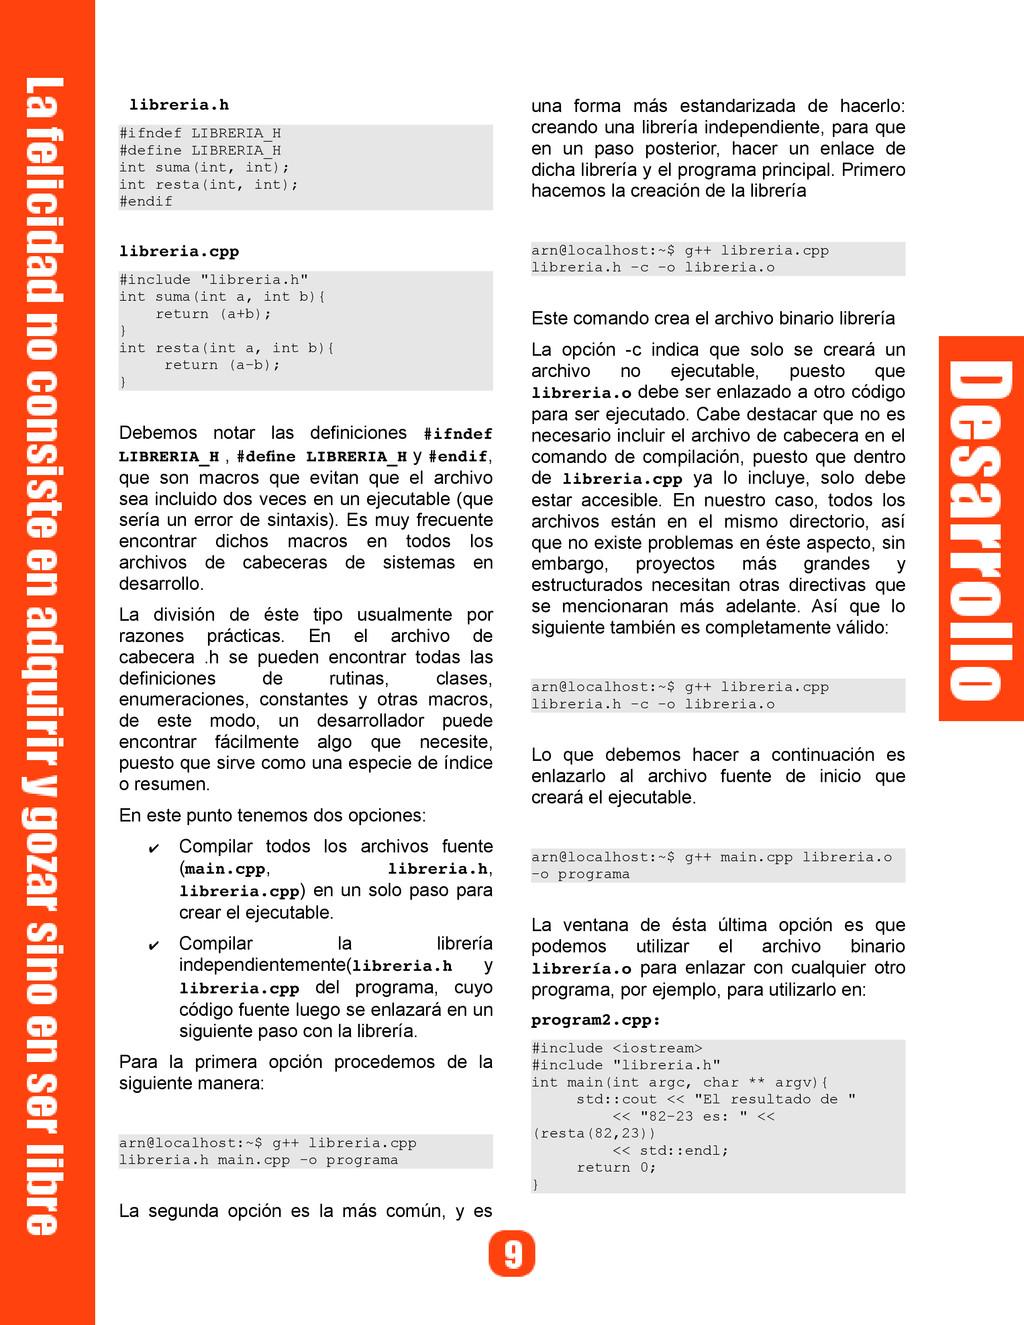 libreria.h #ifndef LIBRERIA_H #define LIBRERIA_...